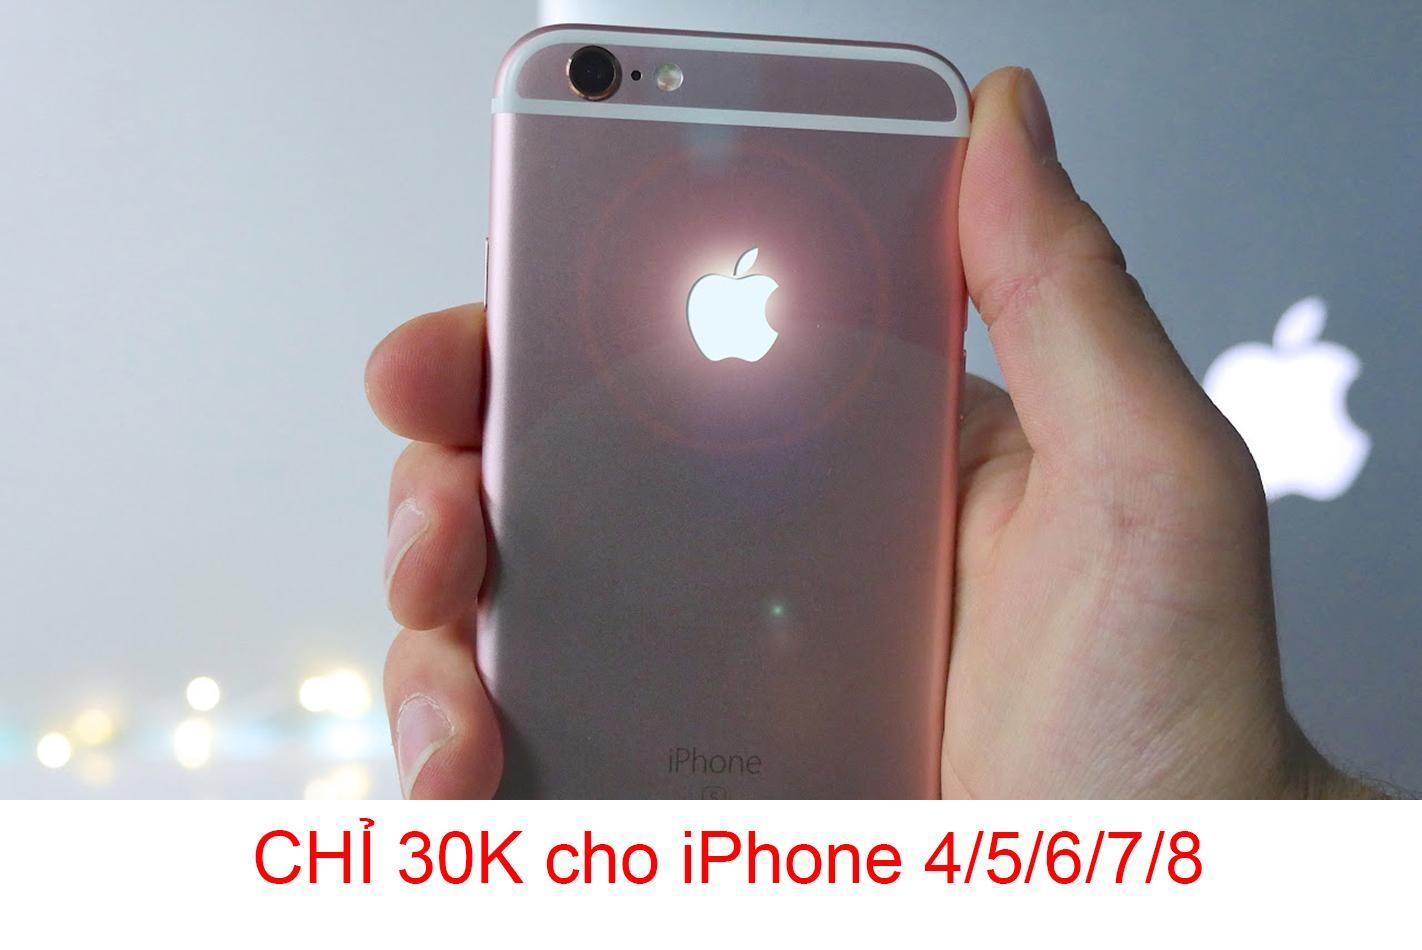 Logo Táo Phát Sáng iPhone 4/5/6/7/8